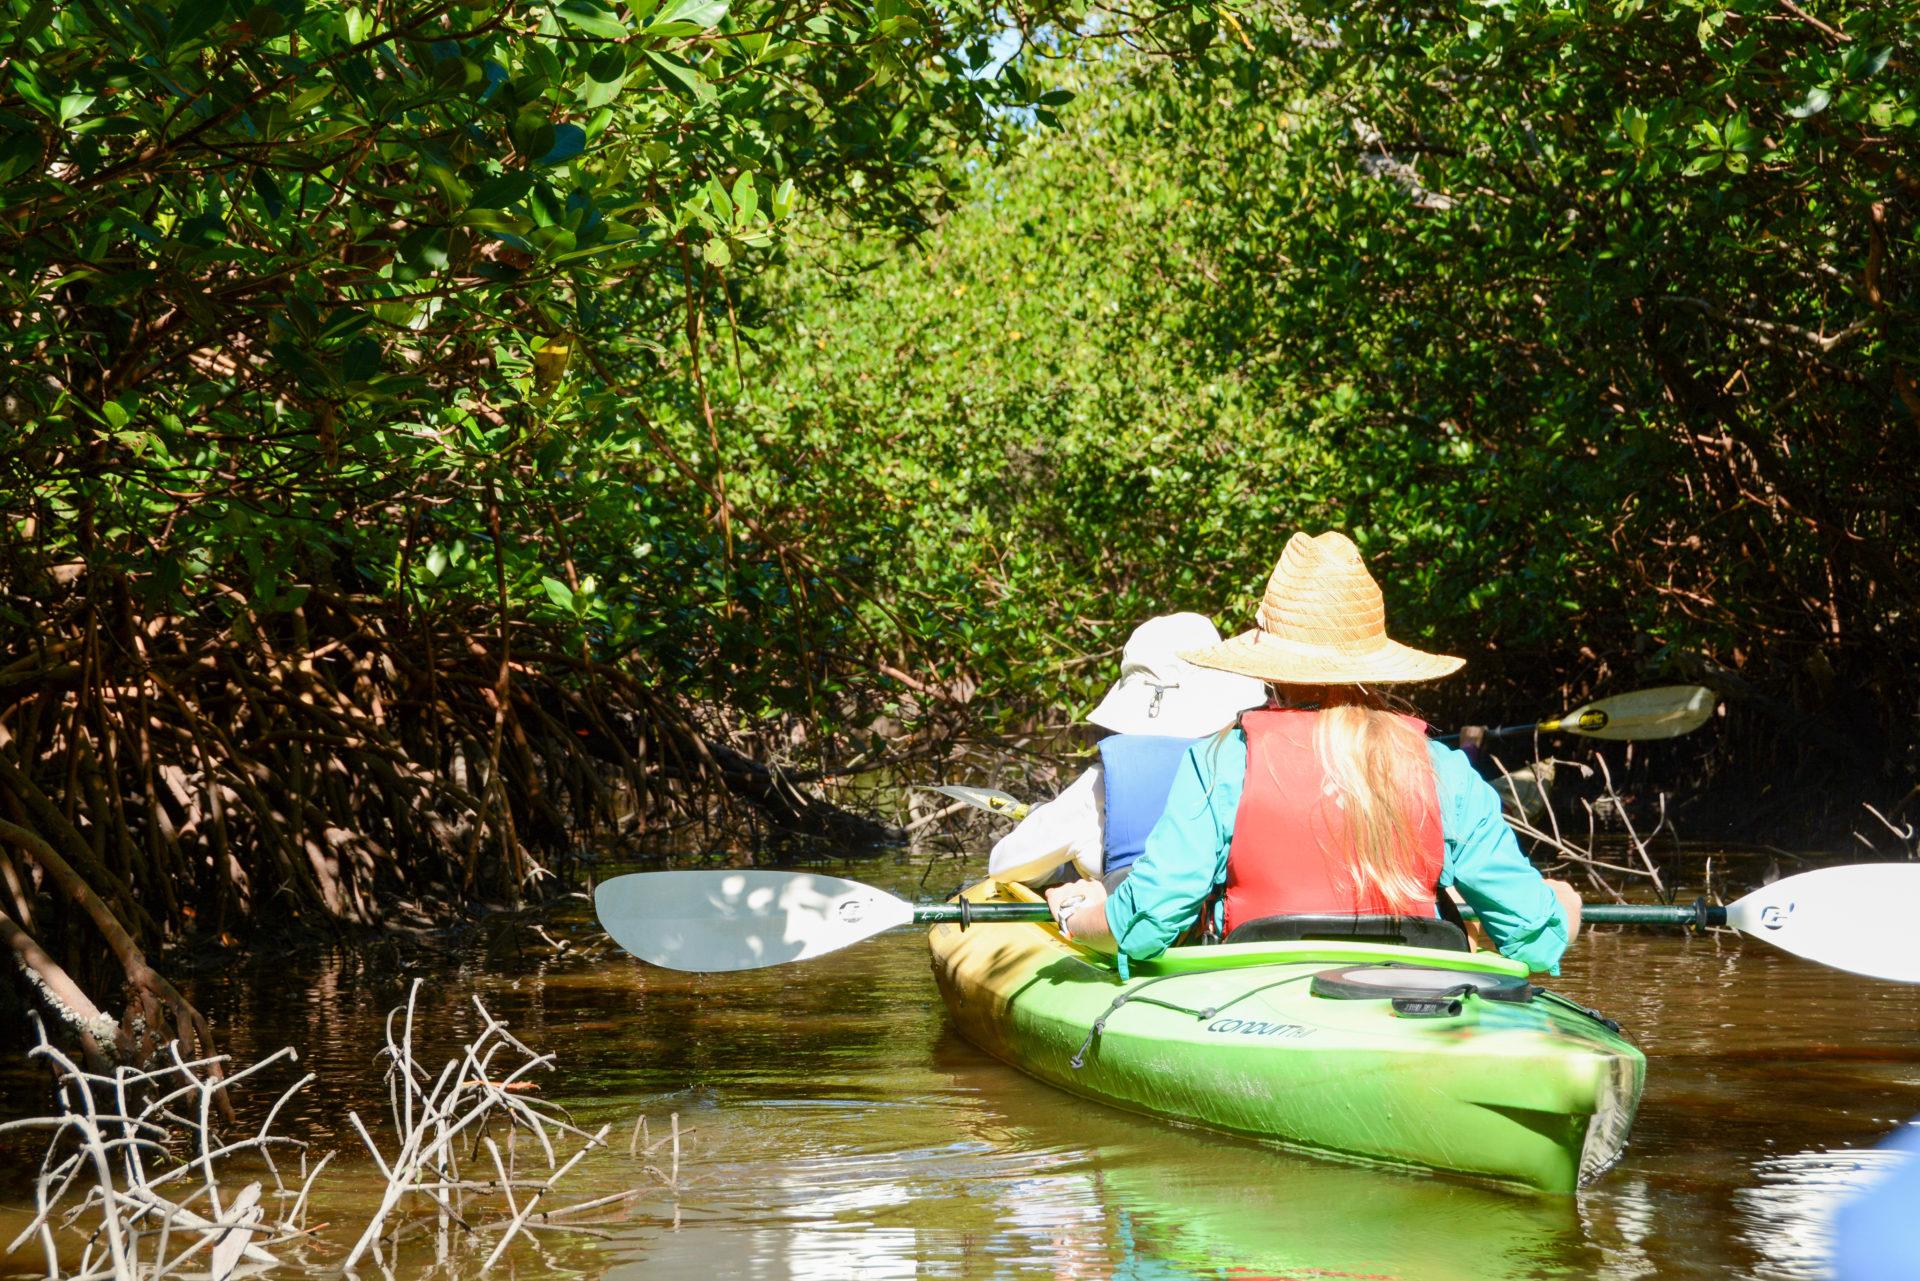 Kanutour durch die Mangroven bei Captiva Island in Florida